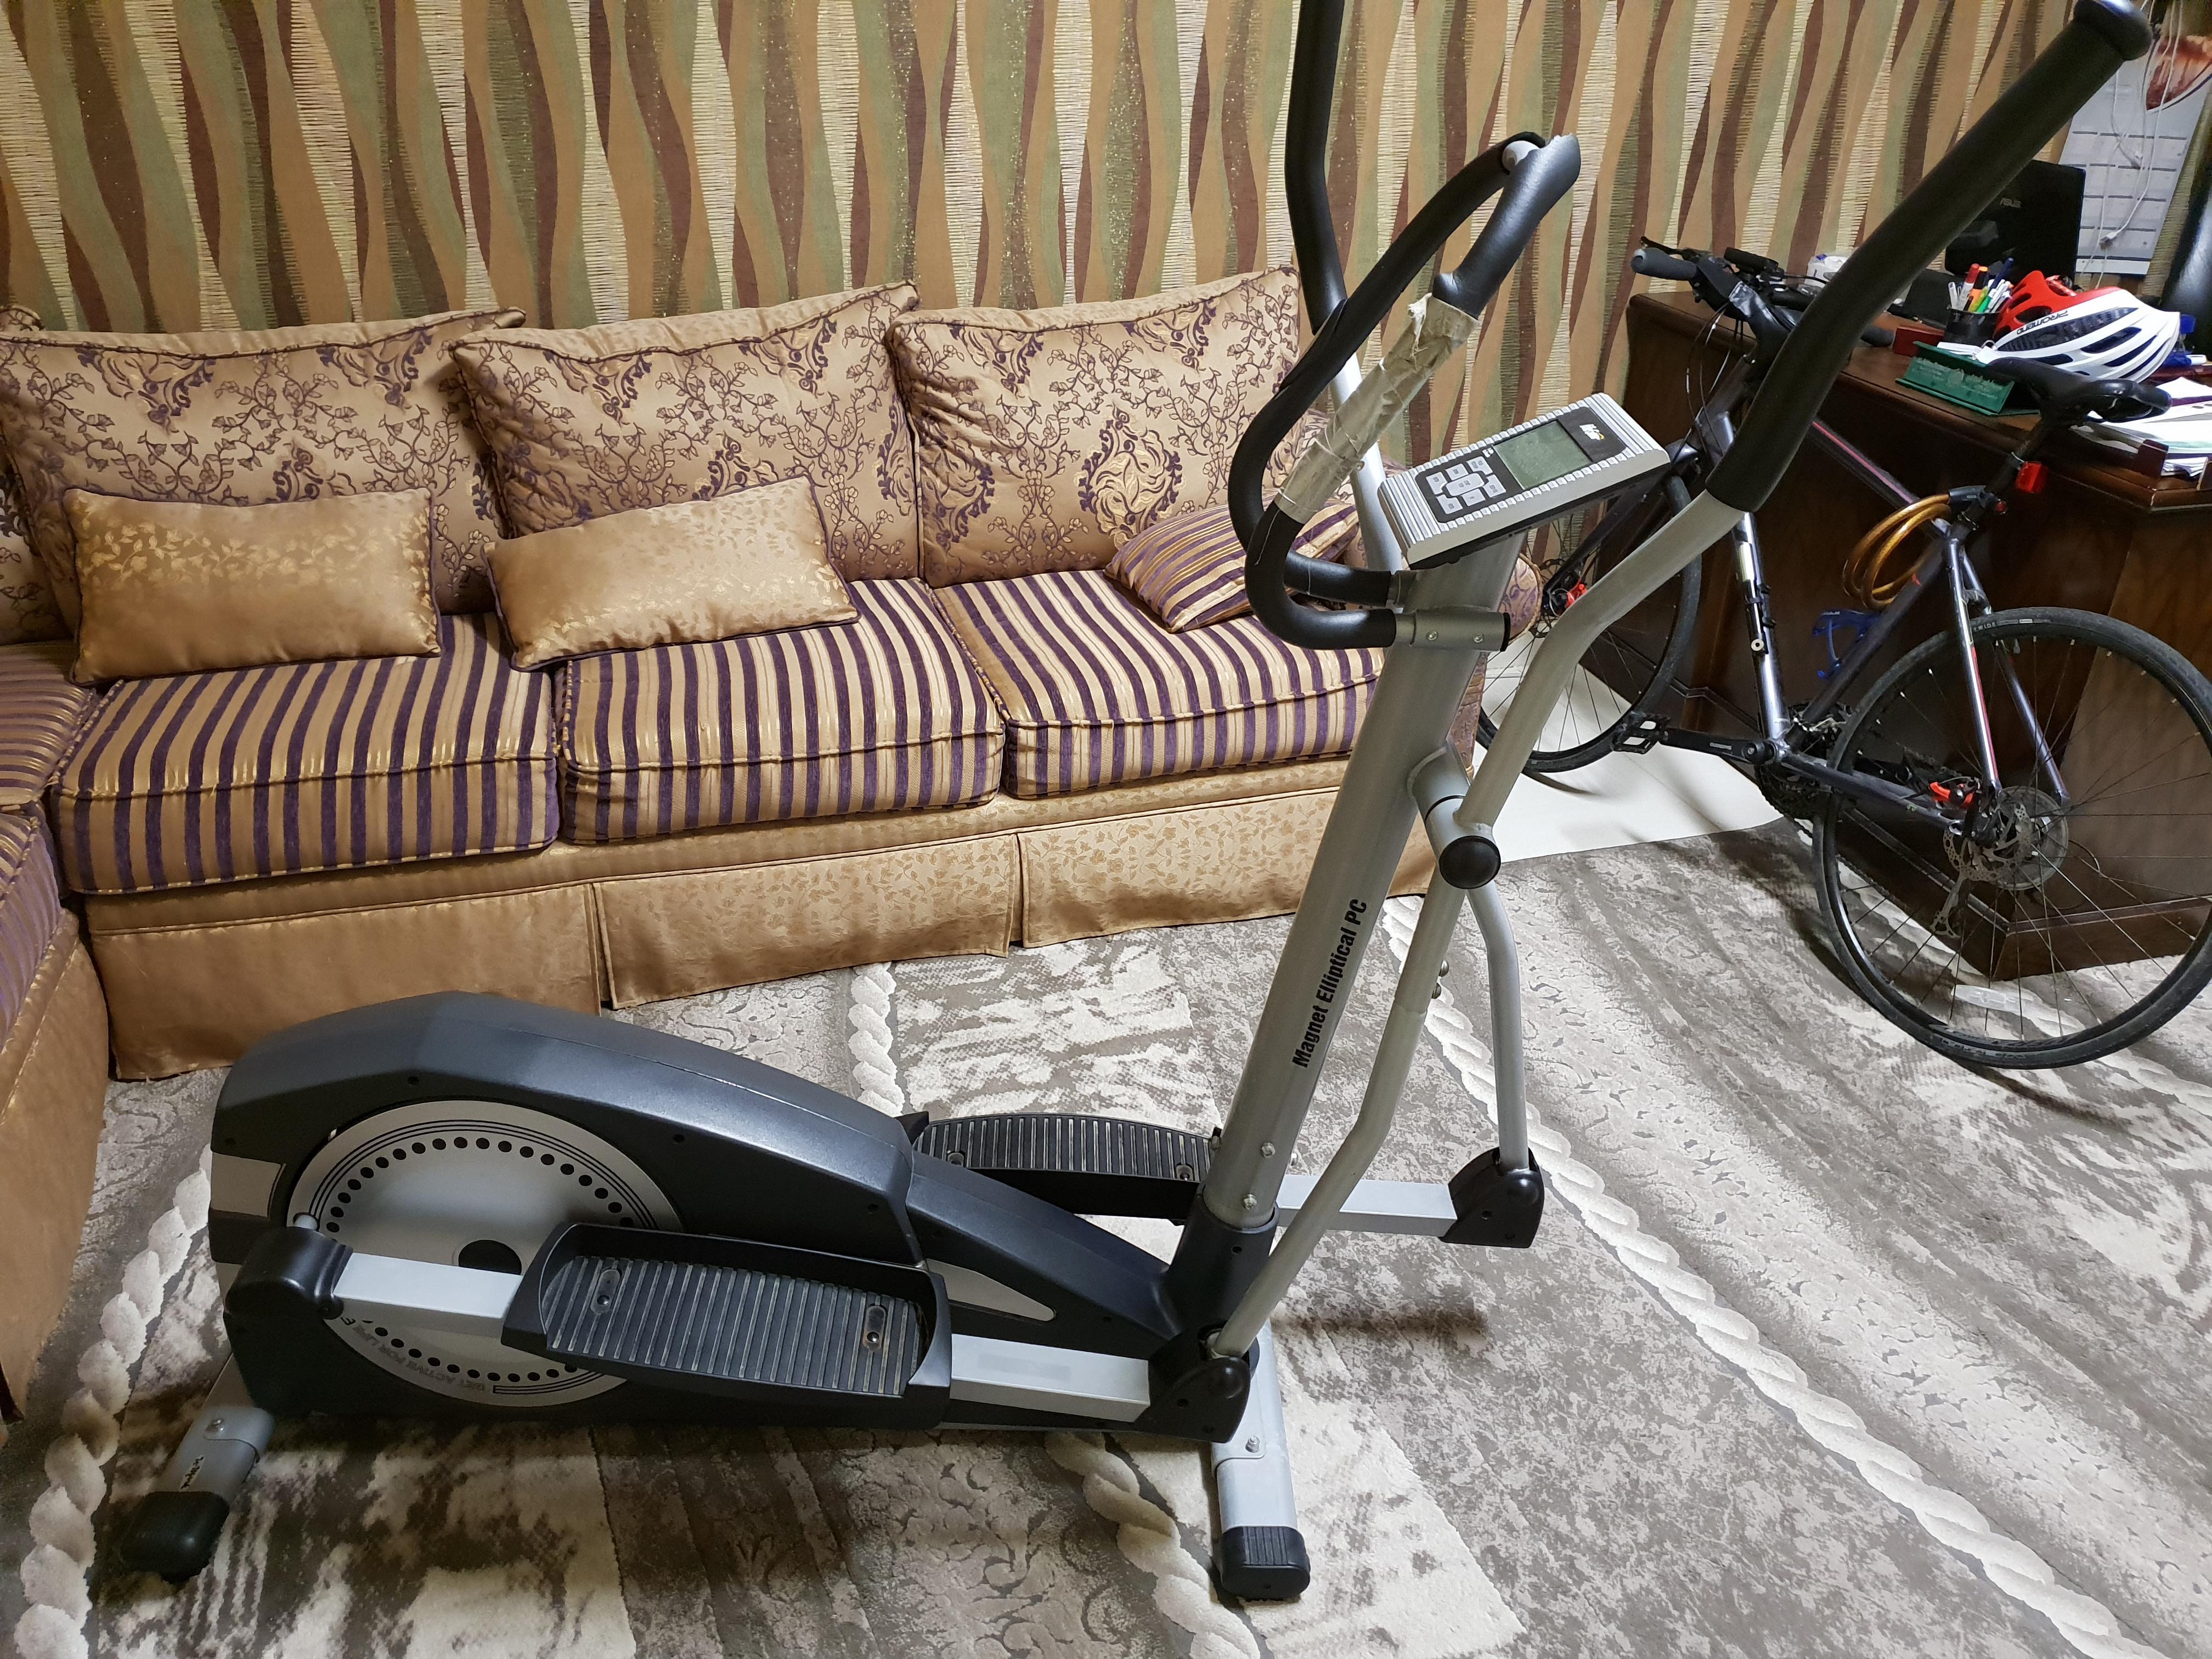 جهاز اوربتراك للياقة وشد كامل عضلات الجسم